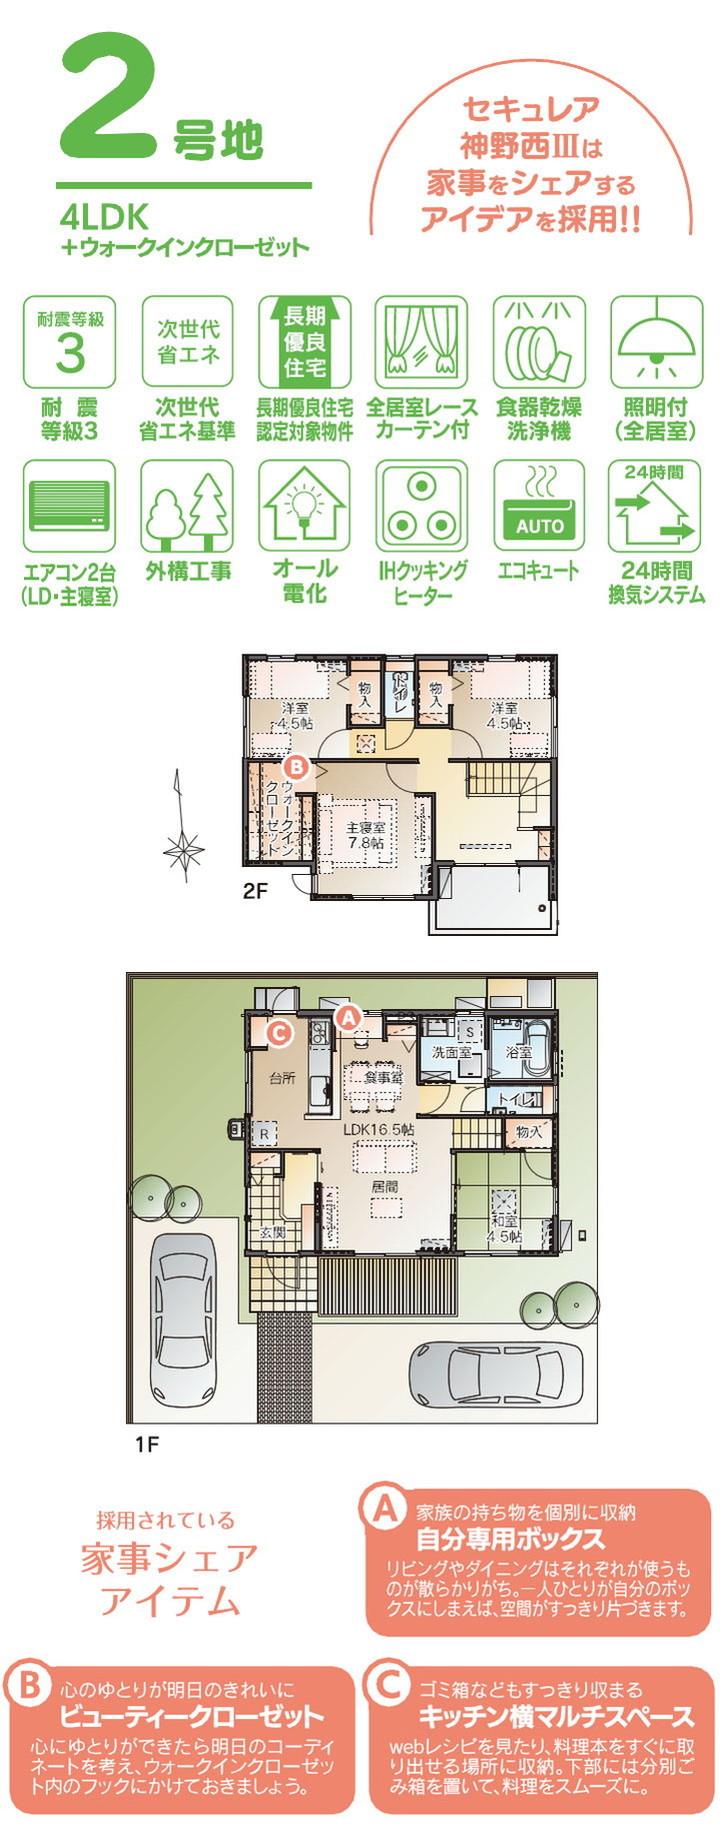 【ダイワハウス】セキュレア神野西III (分譲住宅)の画像